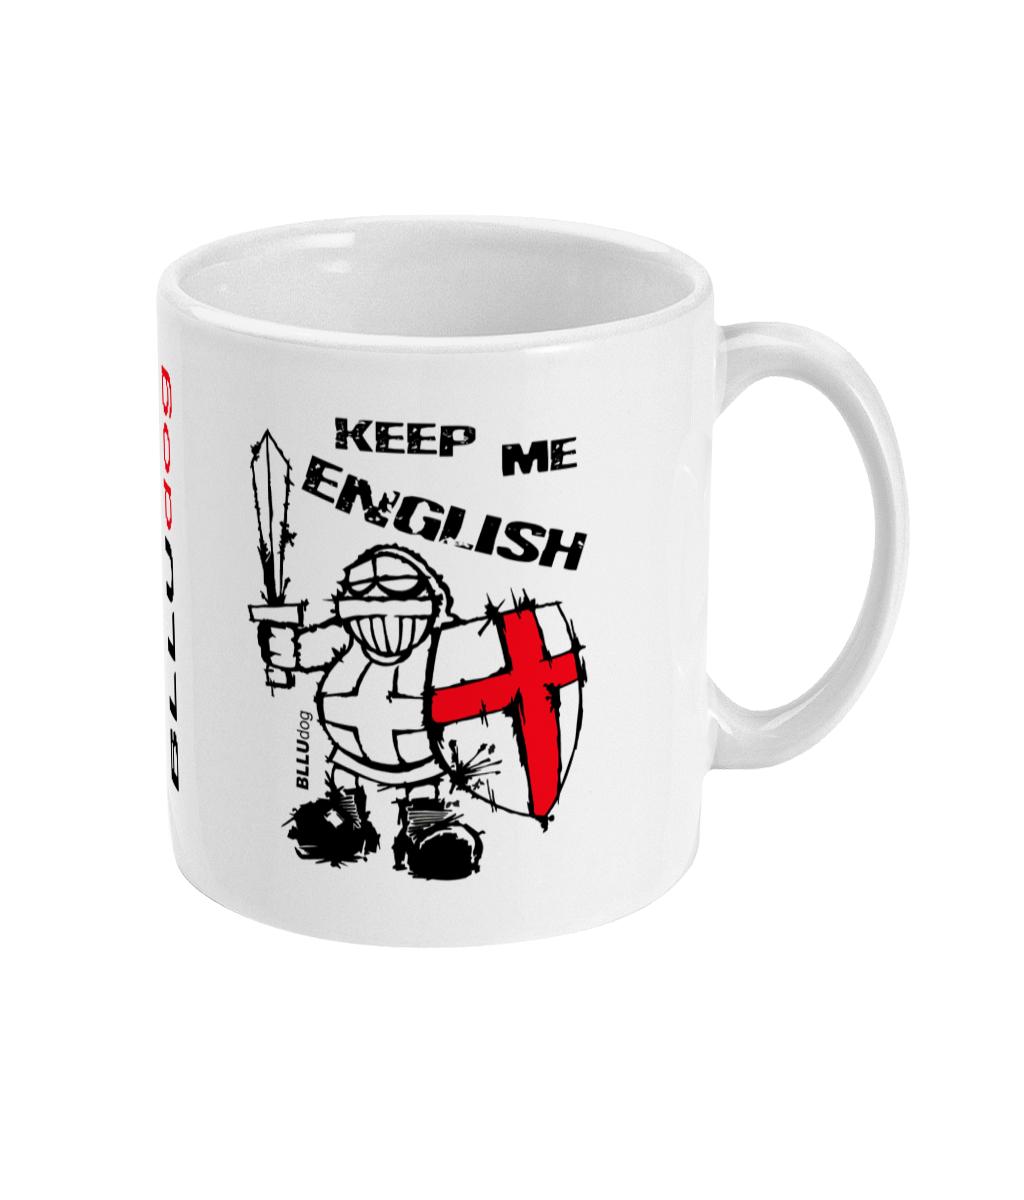 'Keep Me English'